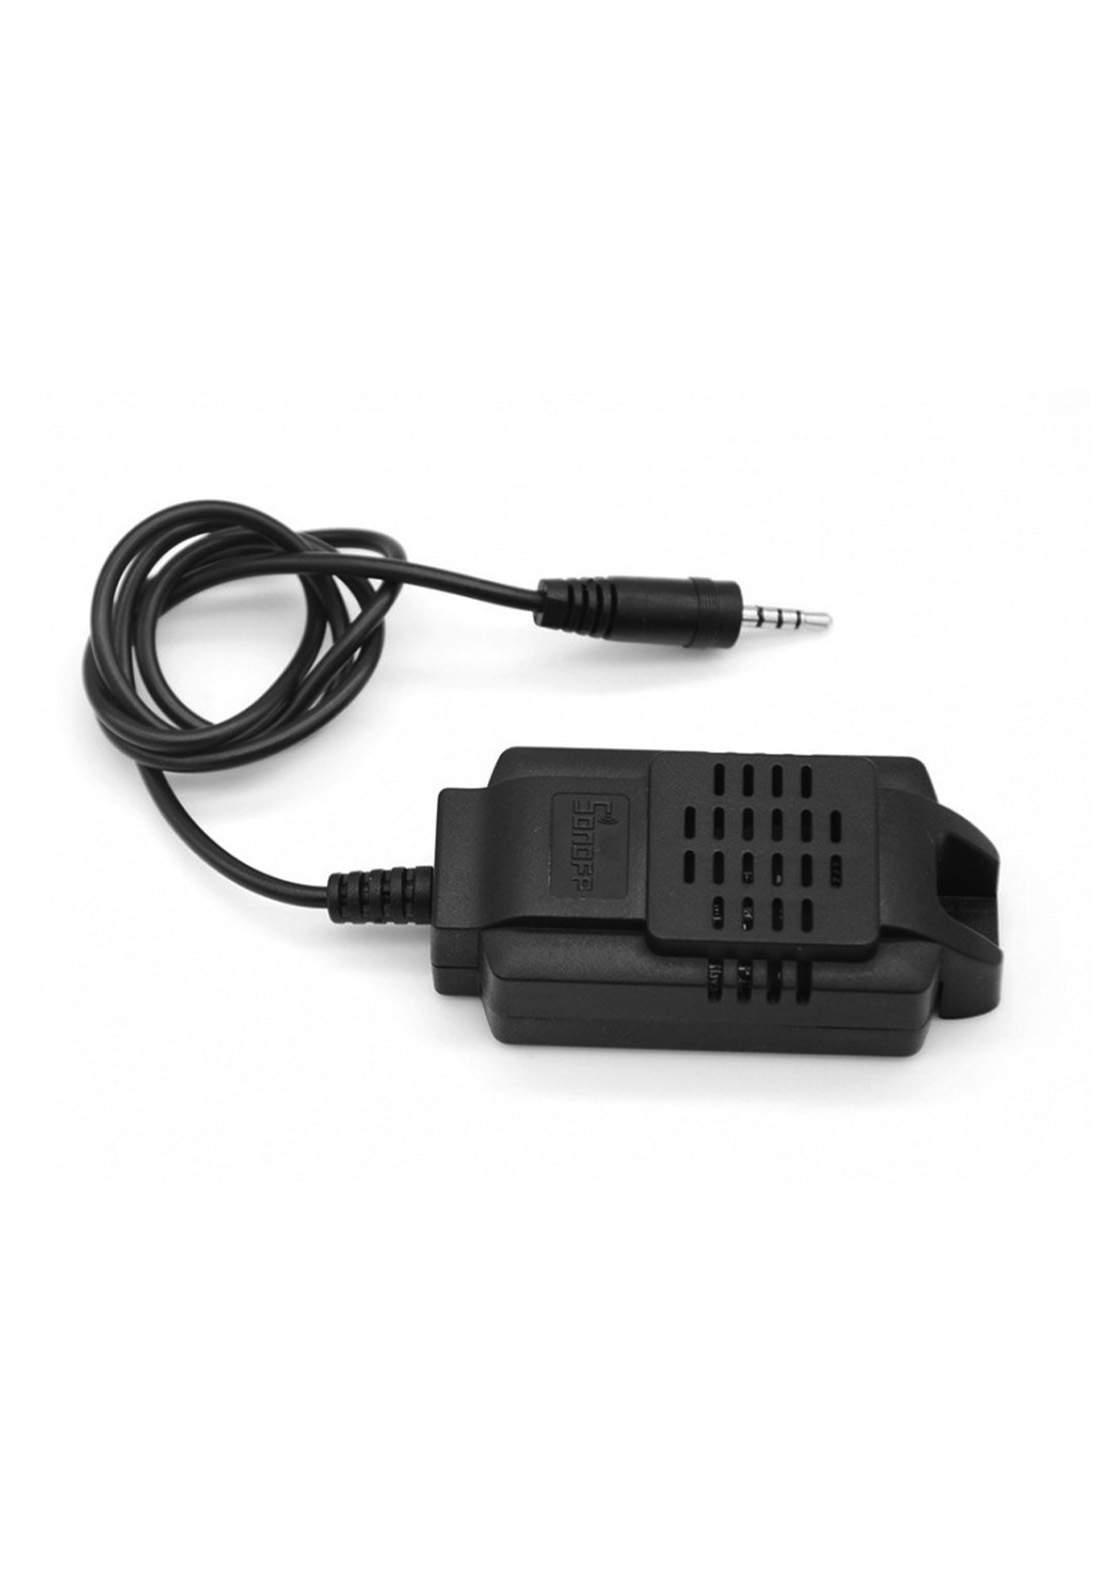 مستشعر لدرجة الحرارة والرطوبة Sonoff Sensor de Temperatura Impermeable Si 7021